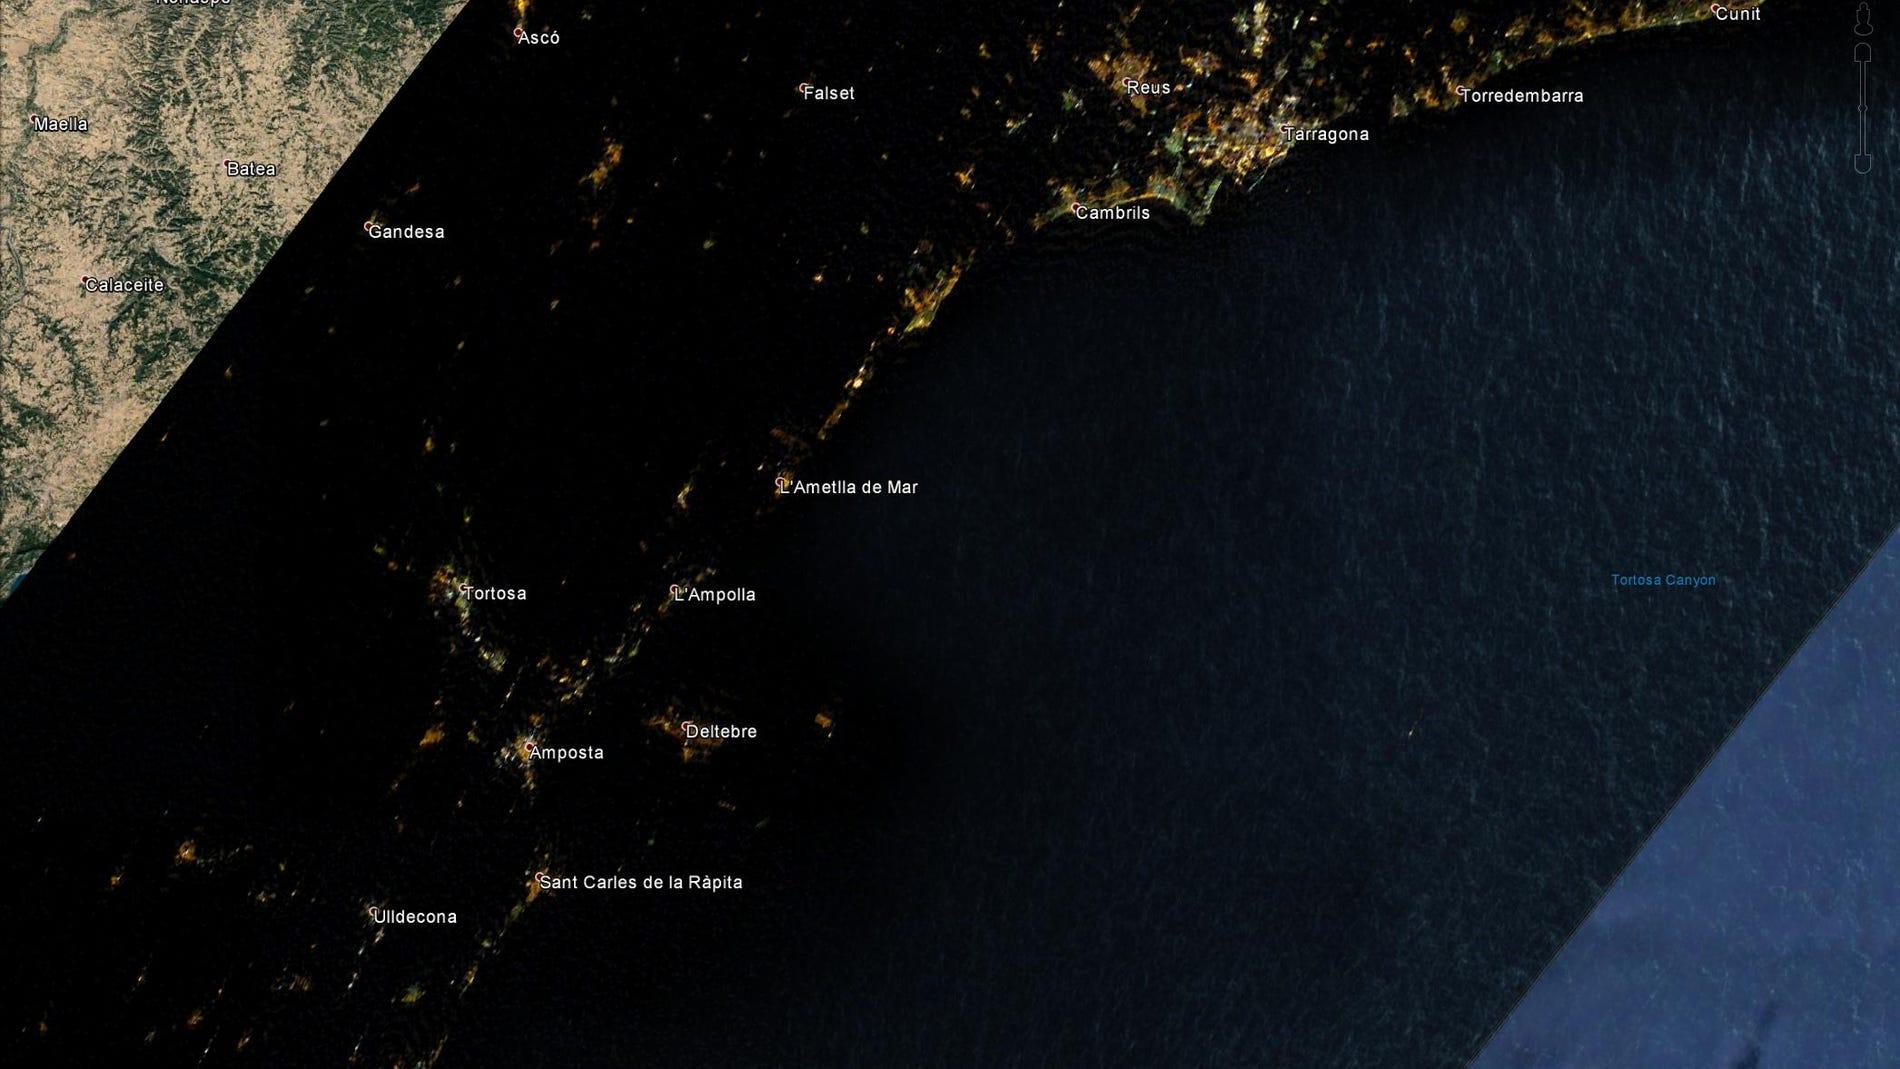 Imágenes obtenidas por satélite de la zo